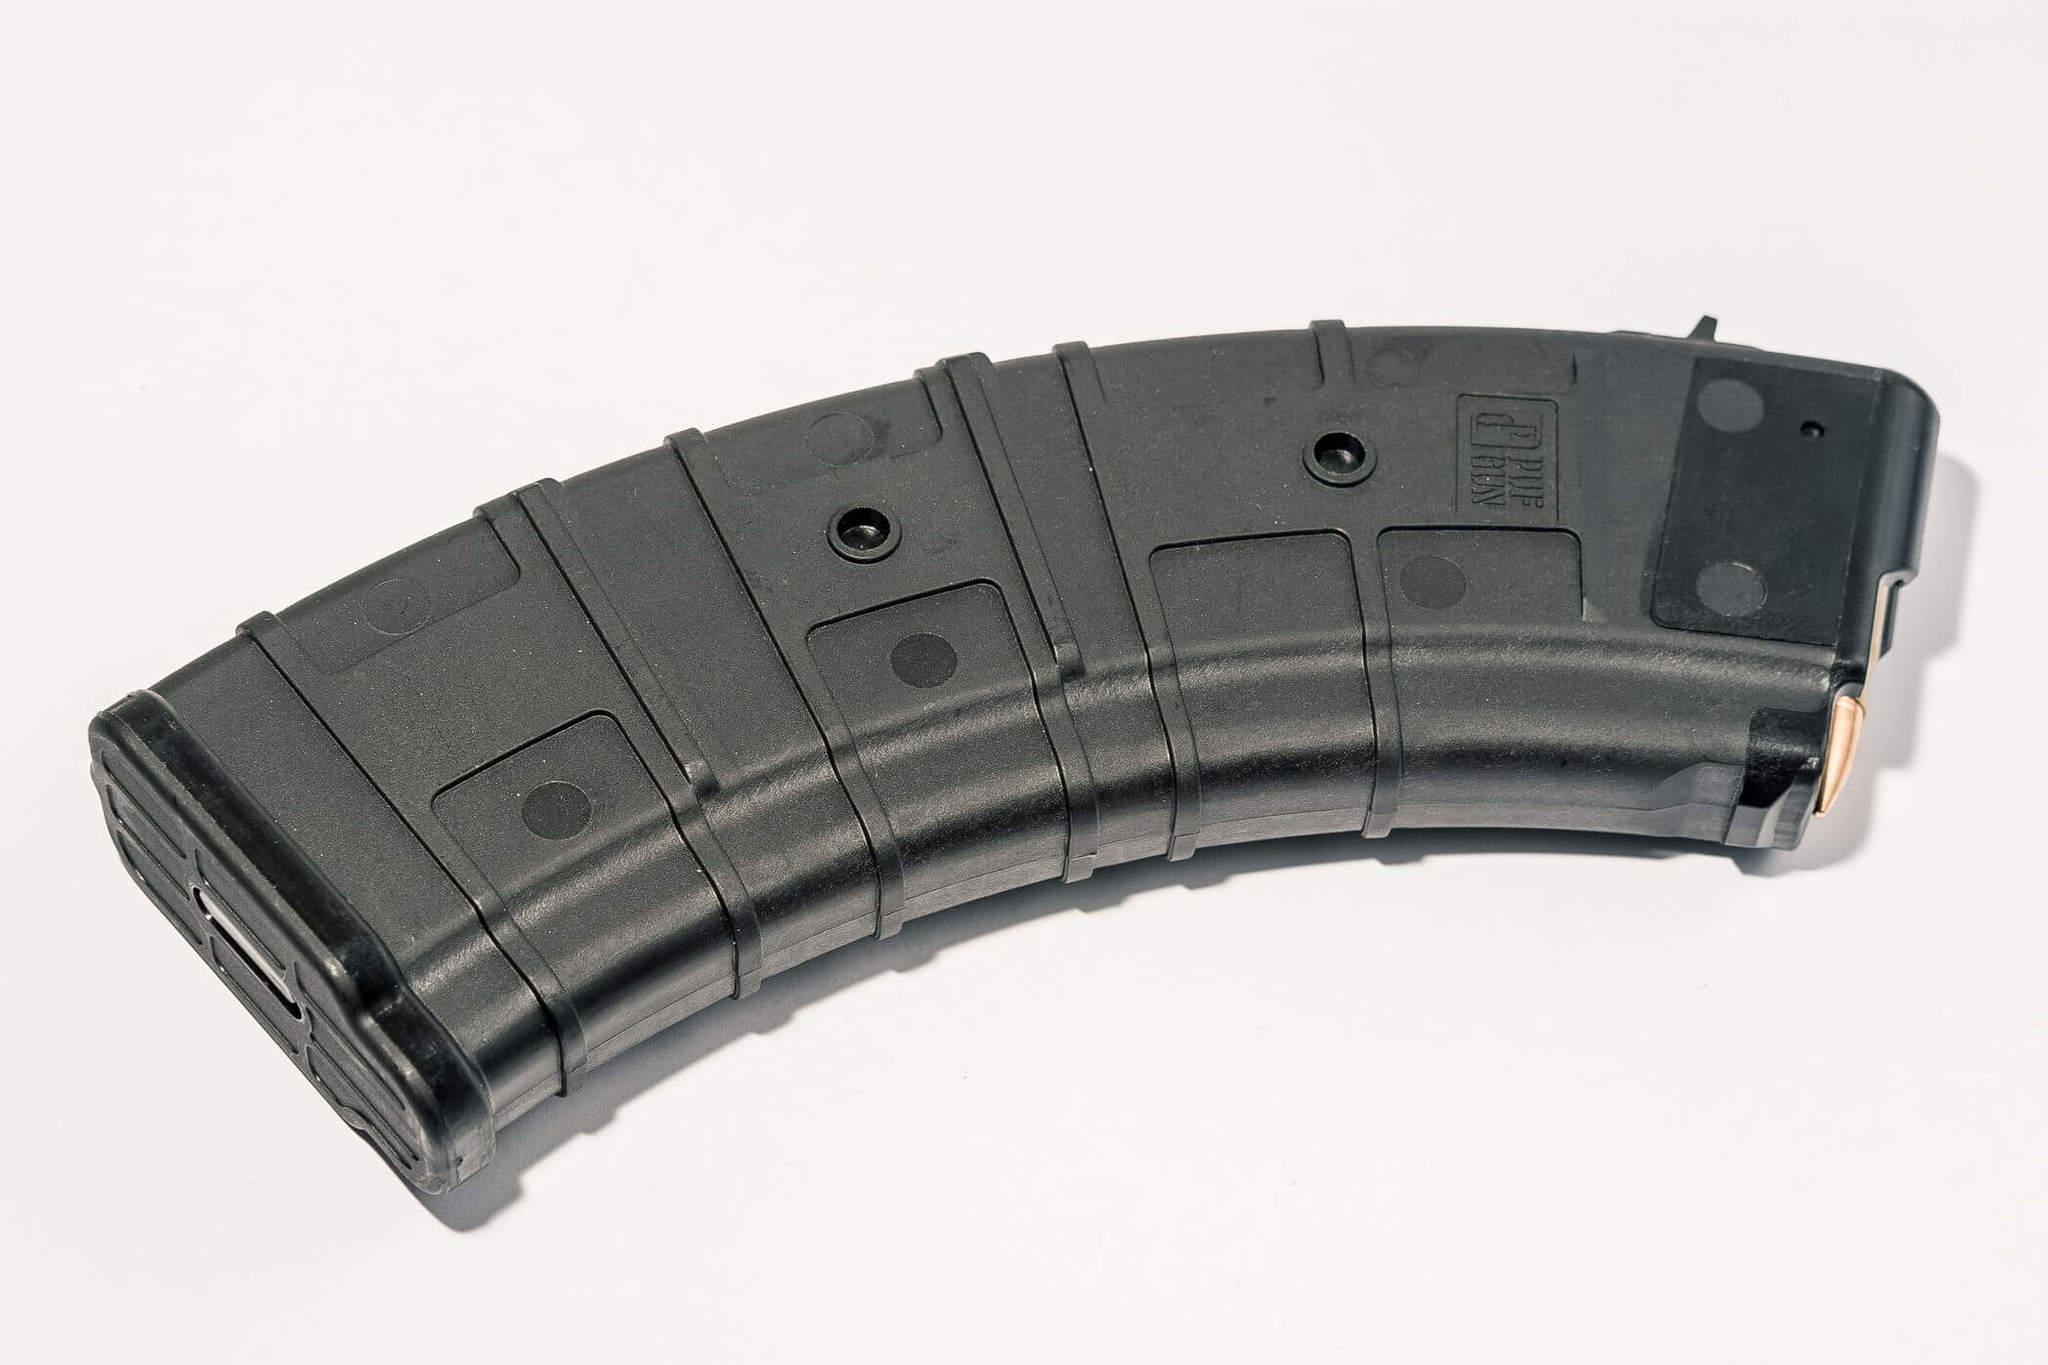 Магазин Pufgun для АКМ 7.62x39 ВПО-136 на 30 патронов, чёрный